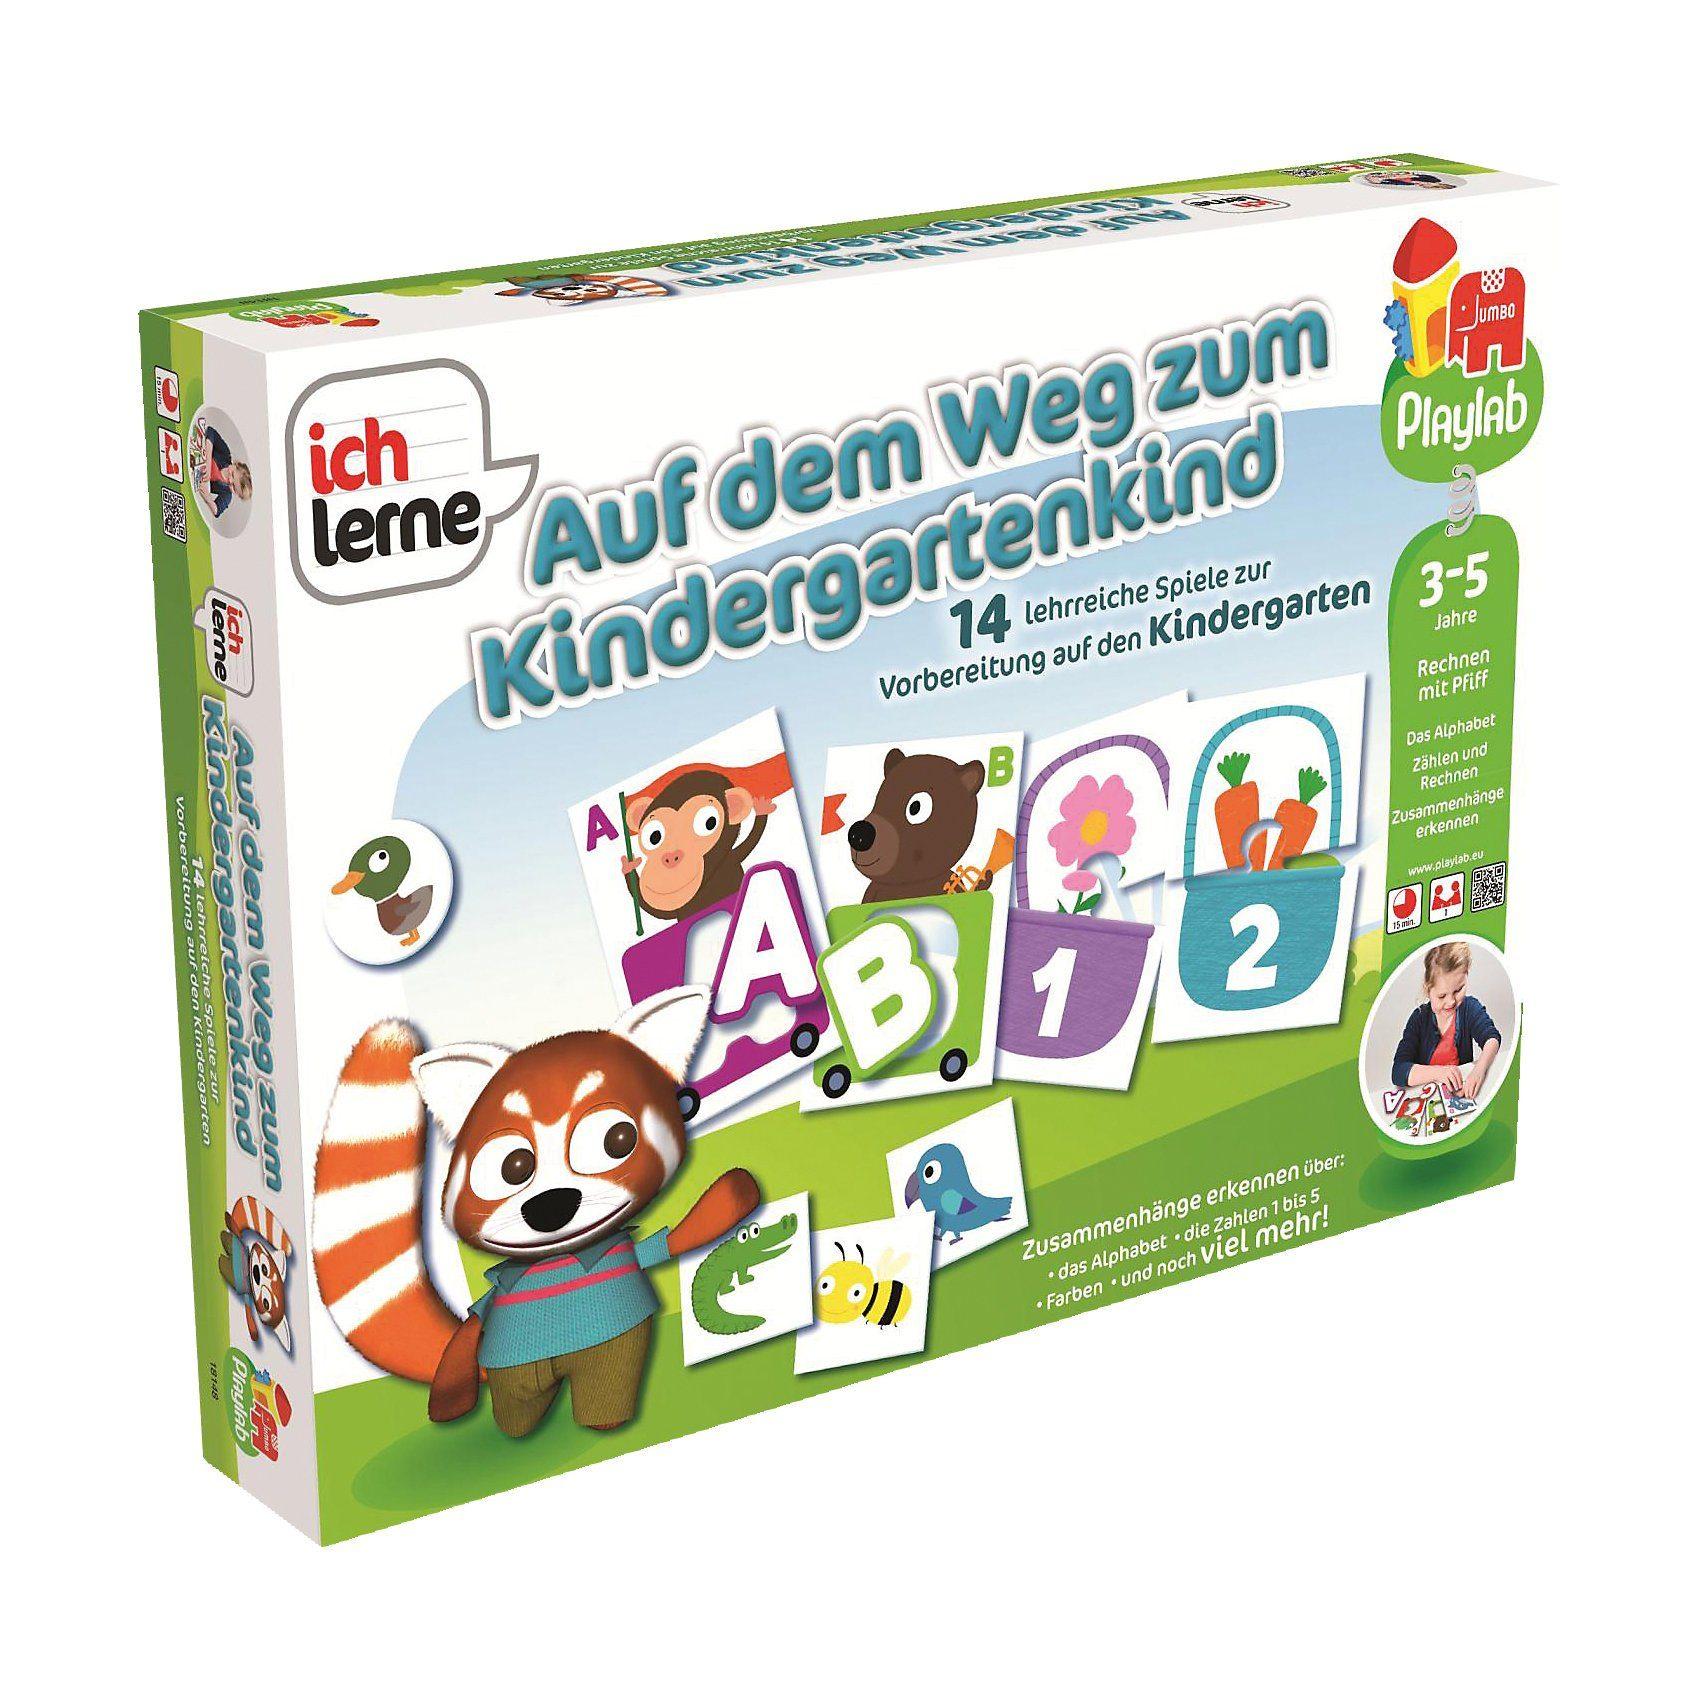 Jumbo Playlab - Ich lerne … Auf dem Weg zum Kindergartenkind